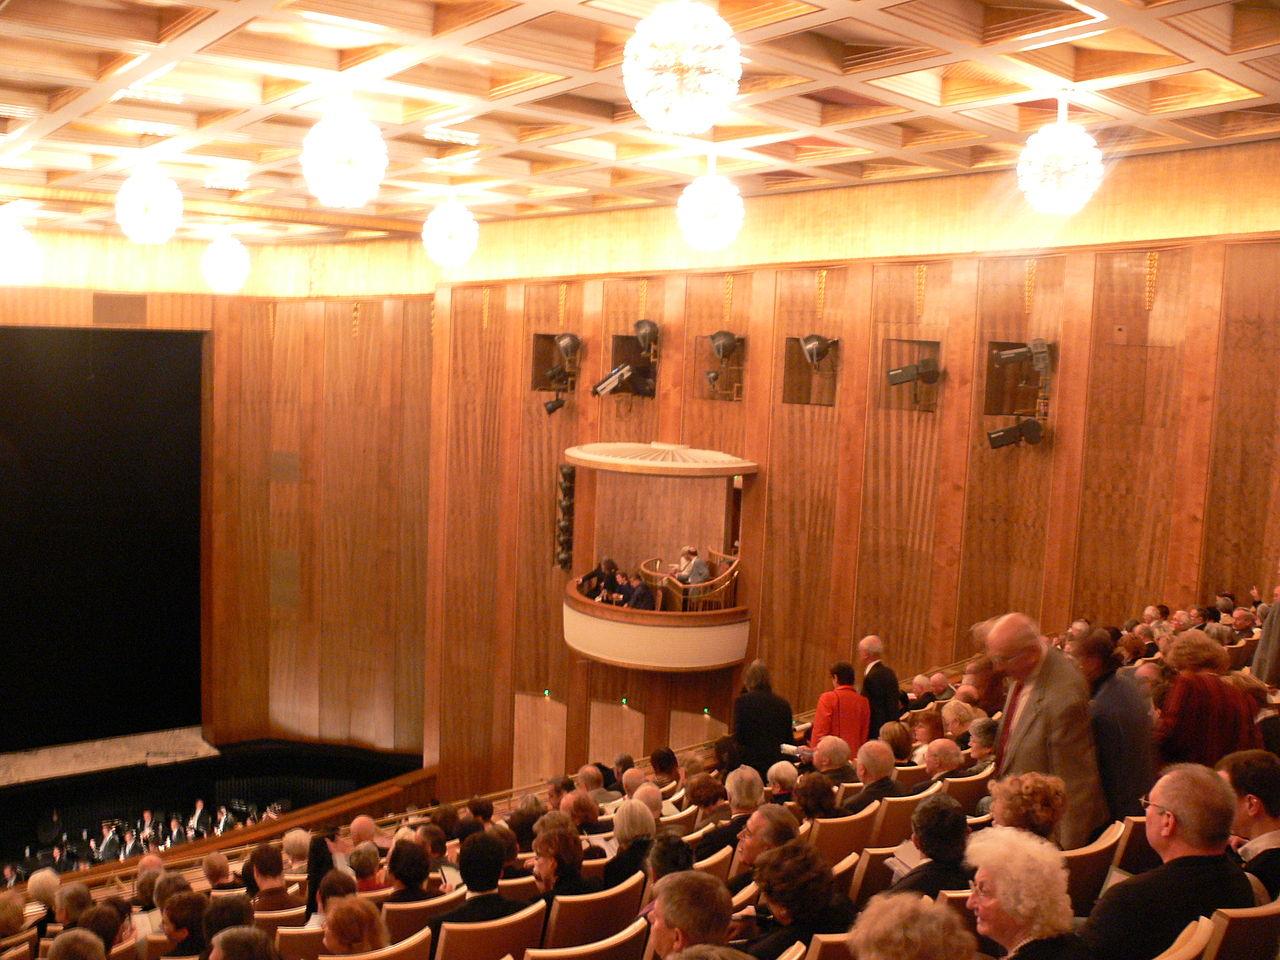 אולם בבית האופרה